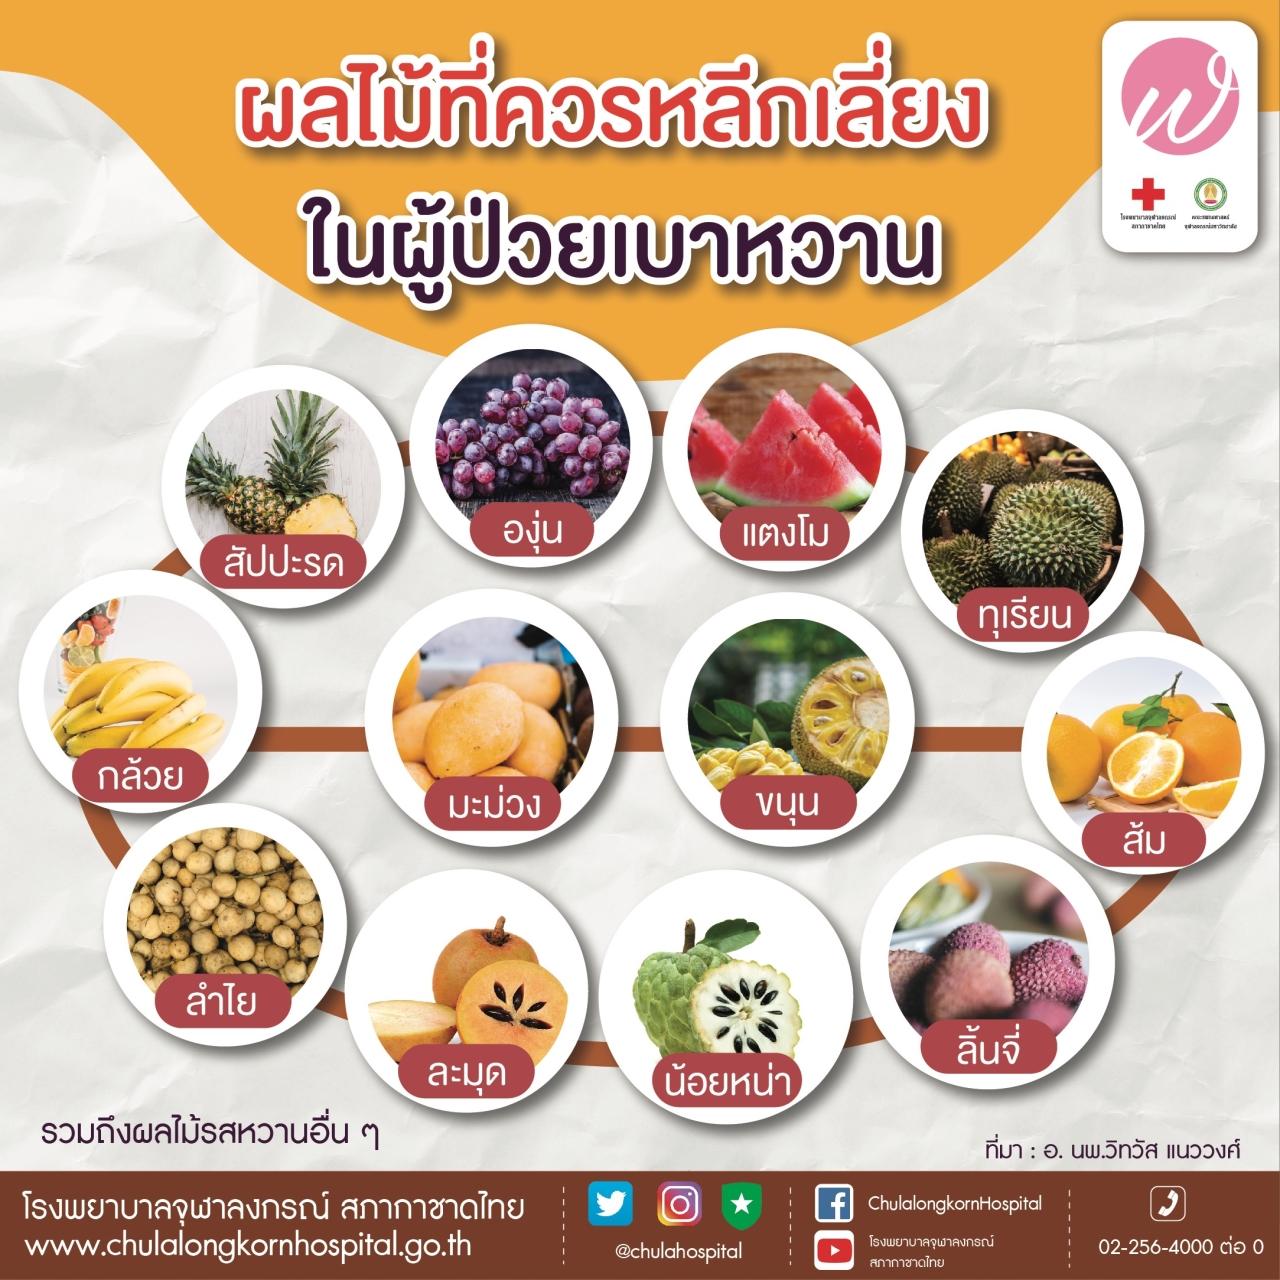 ผลไม้ที่ควรหลีกเลี่ยงในผู้ป่วยเบาหวาน